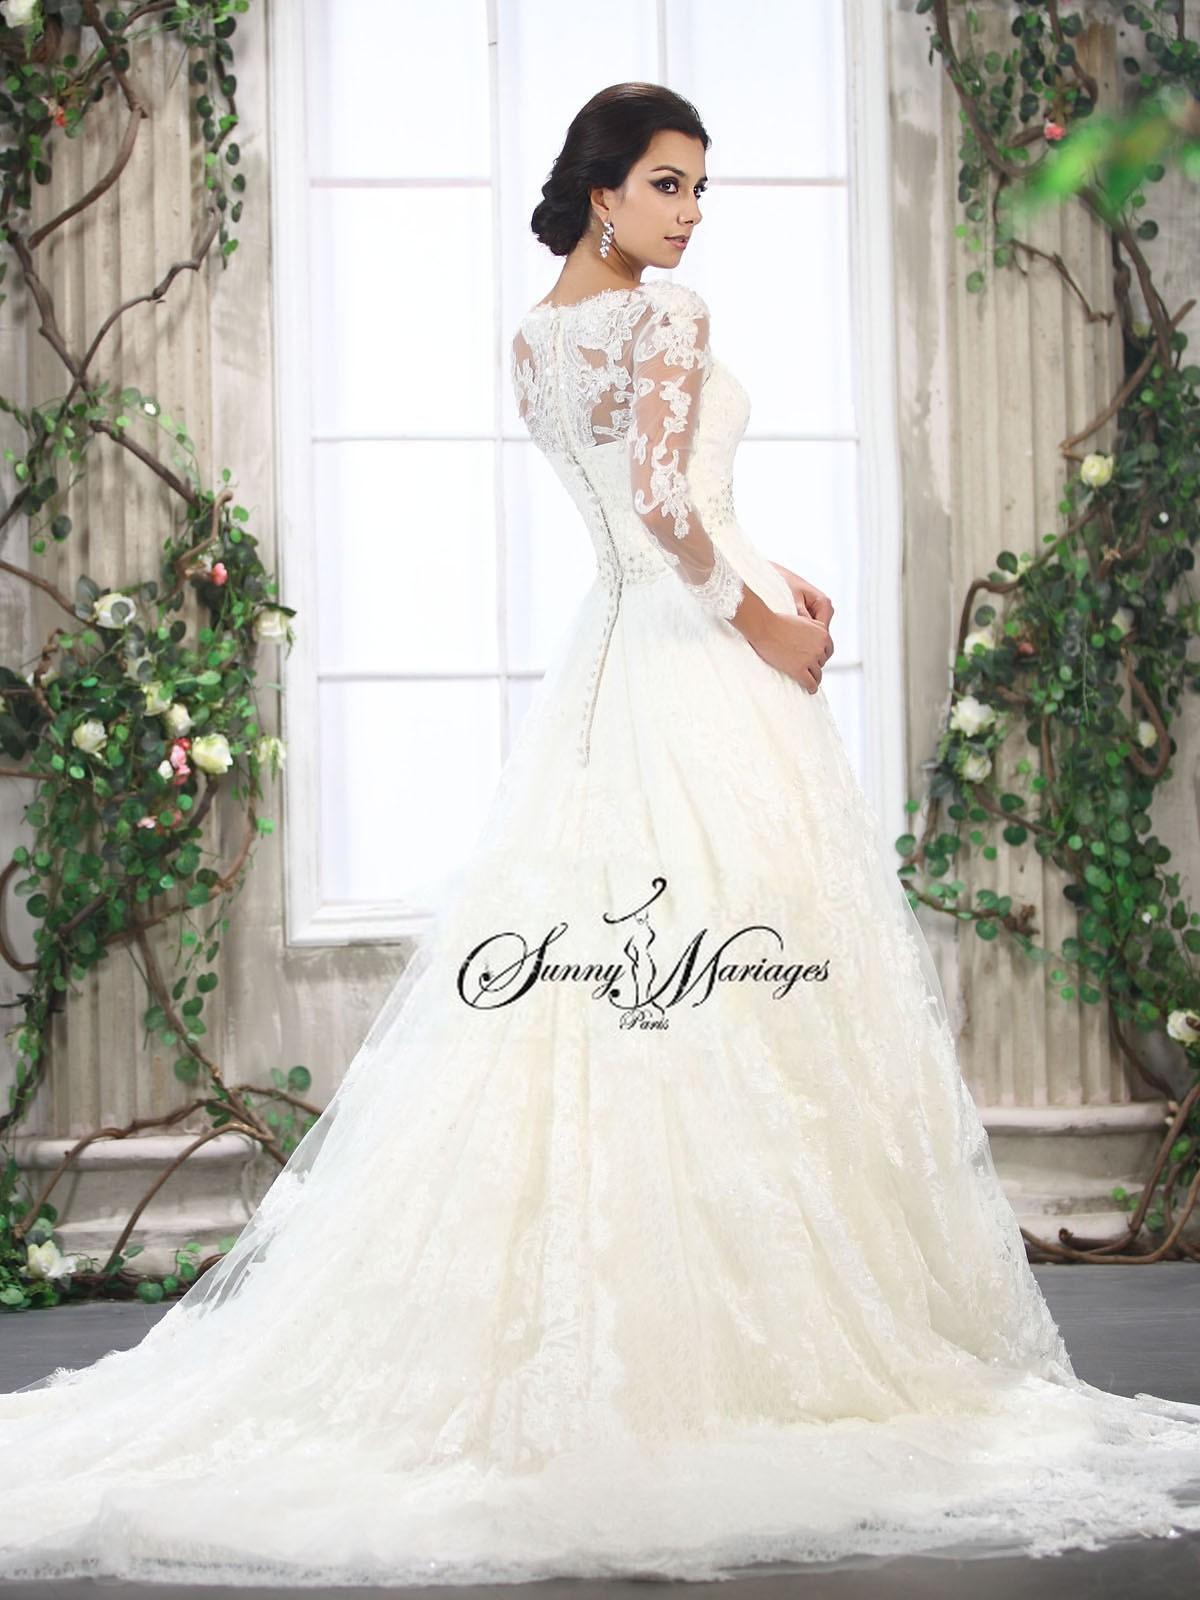 robe de mariée dentelle - robe de mariée princesse  Sunny Mariage